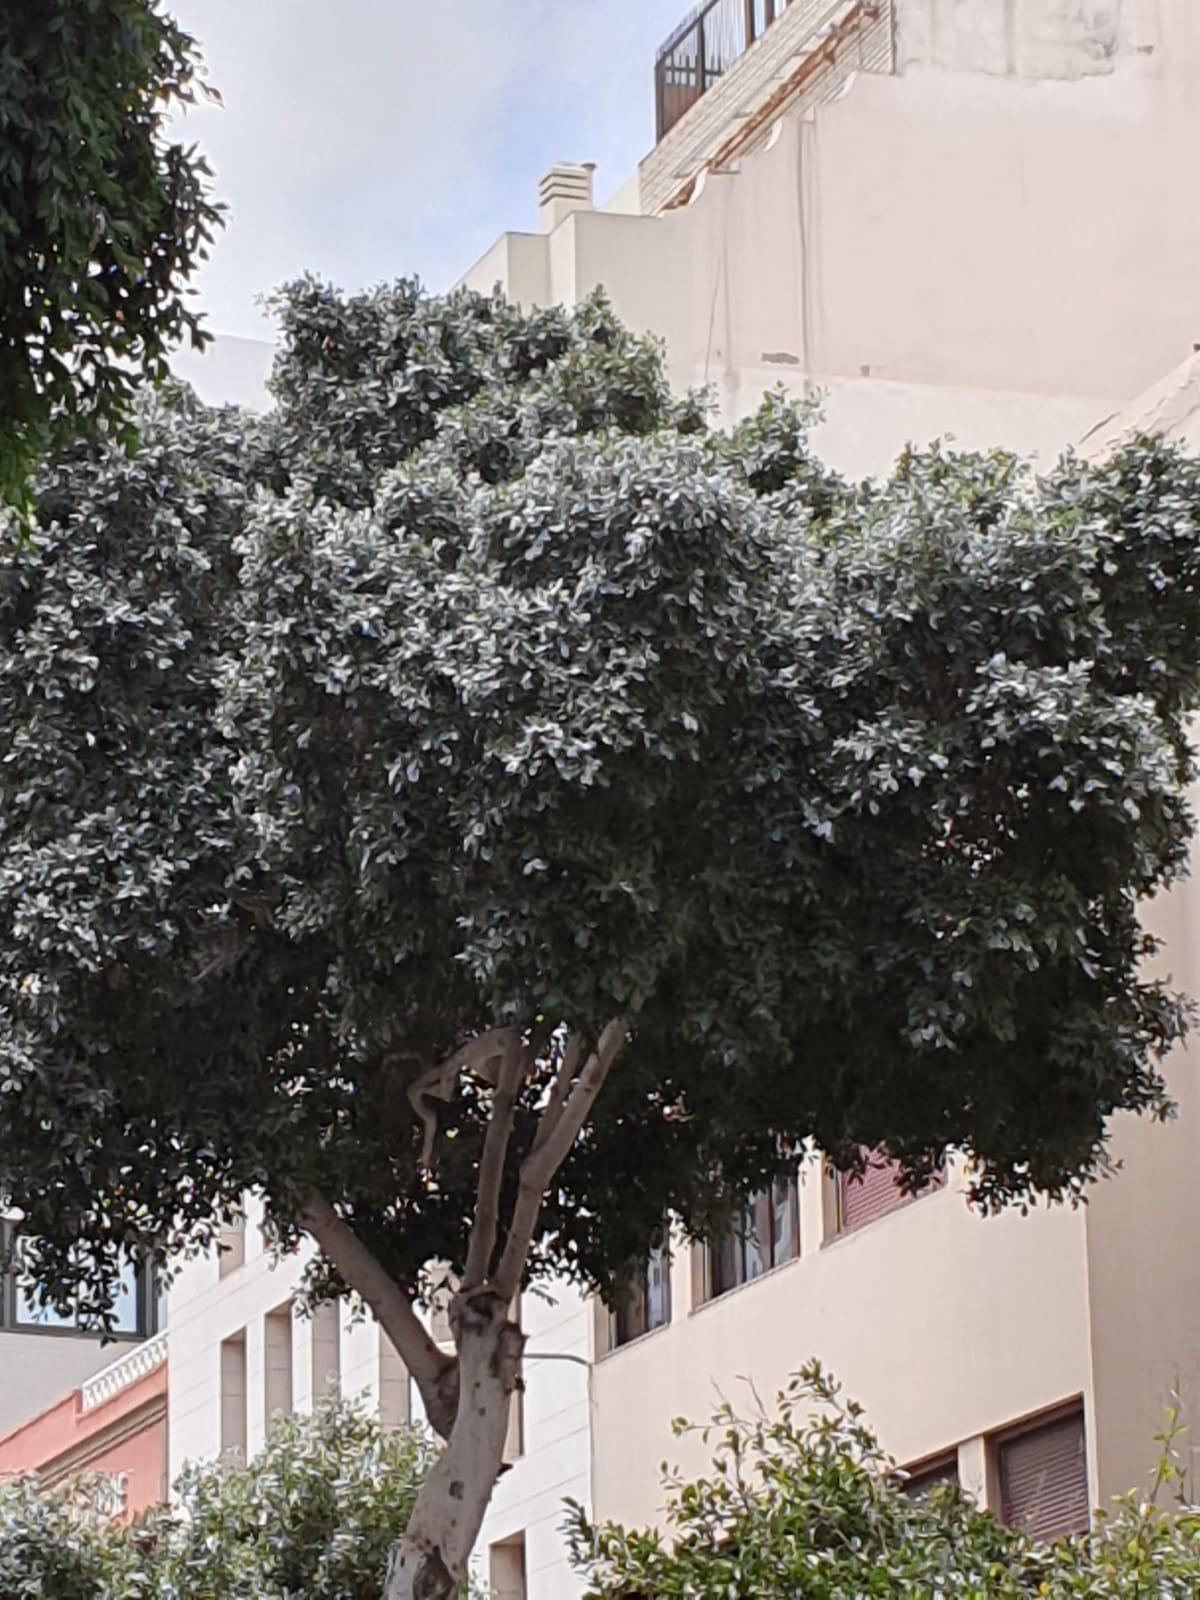 Mosca Blanca. Calle San Bernardo. Las Palmas de Gran Canaria